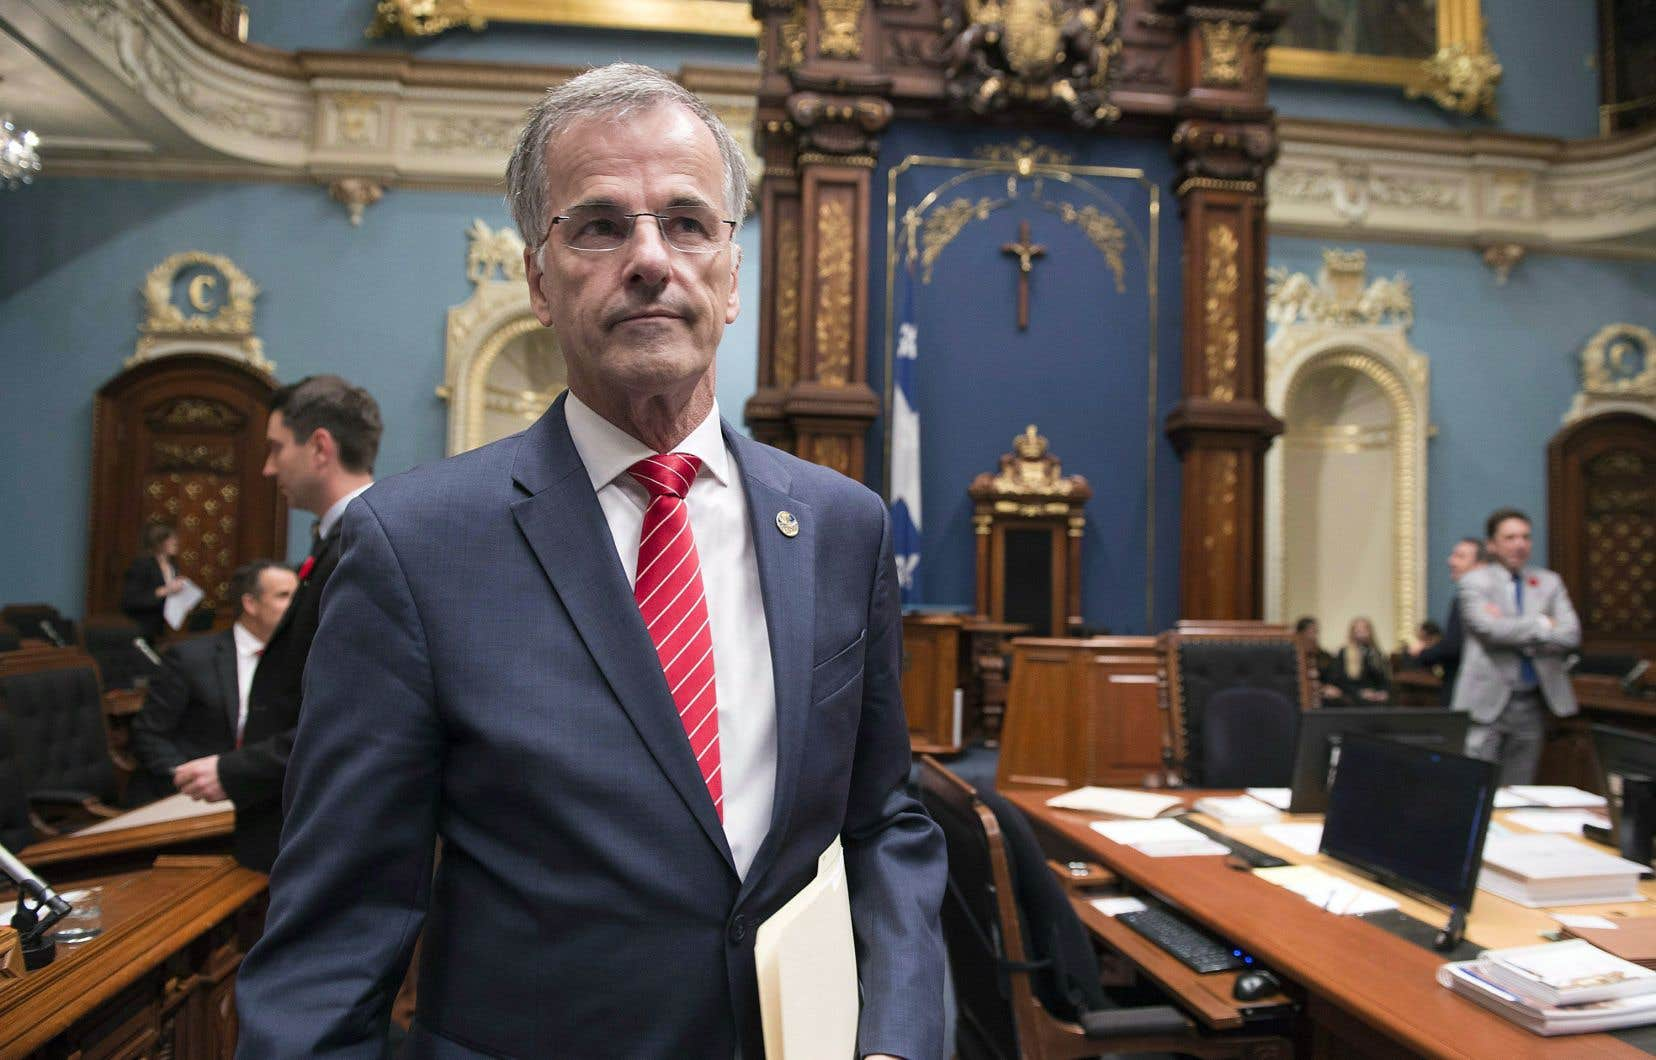 L'ex-policier de la Sûreté du Québec et député libéral Guy Ouellette faisait partie des «sources» de la CAQ au sein du PLQ, a confirmé jeudi le chef François Legault.